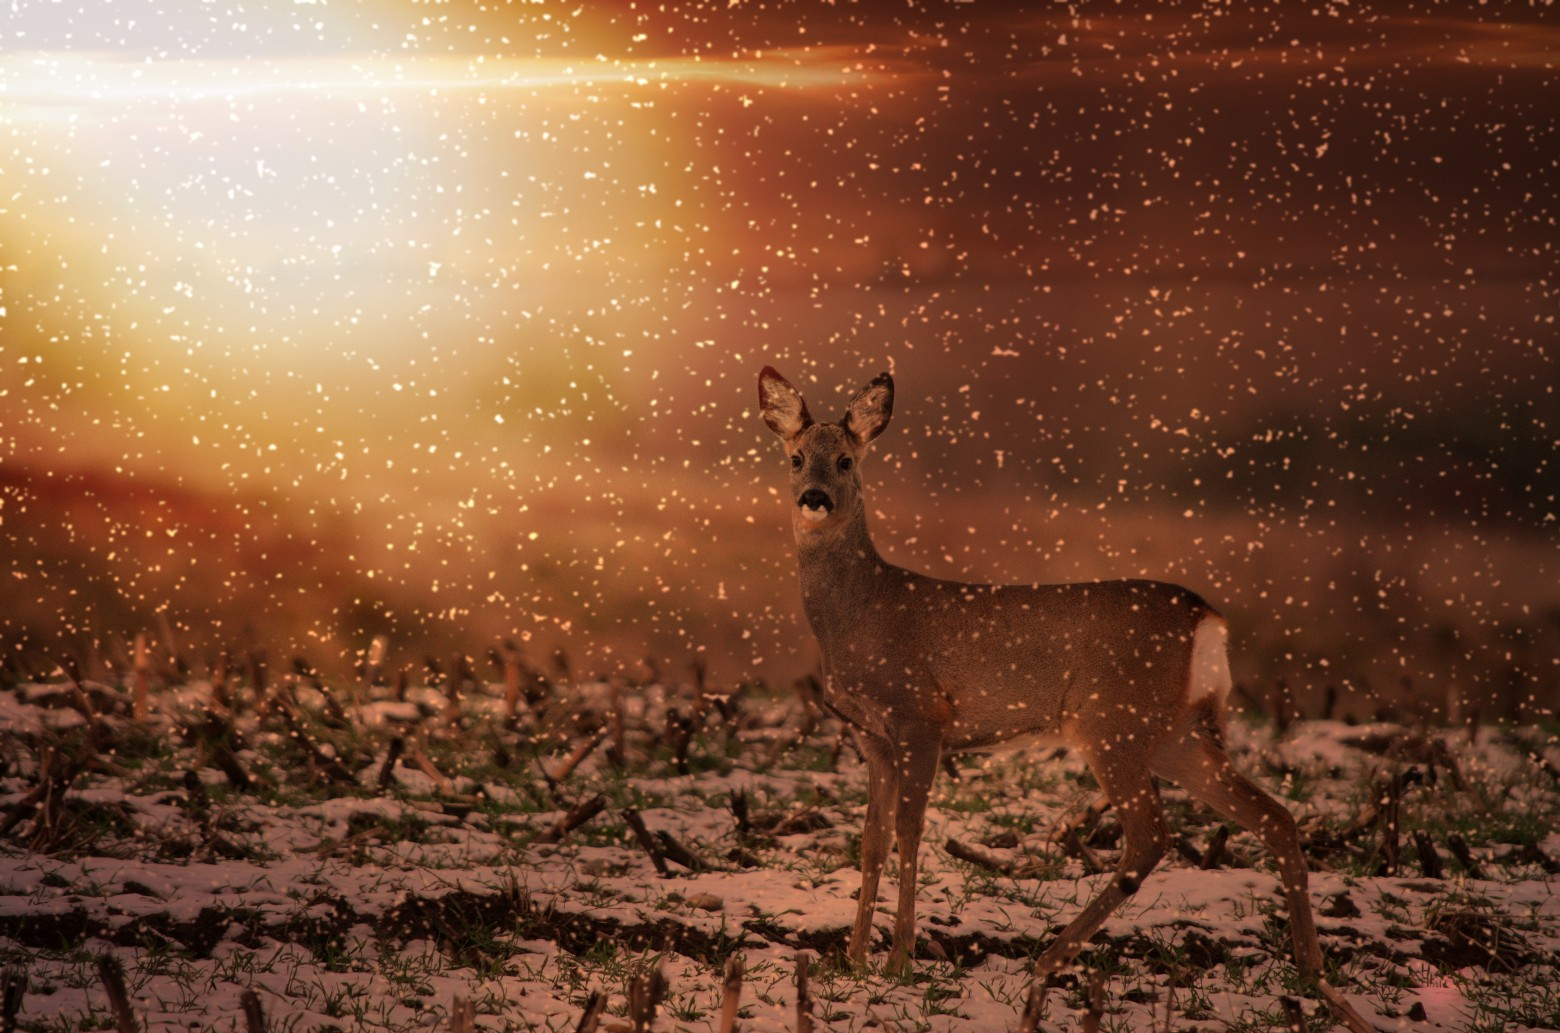 Chevreuil la faune neige hiver images photos gratuites - Photos de neige gratuites ...